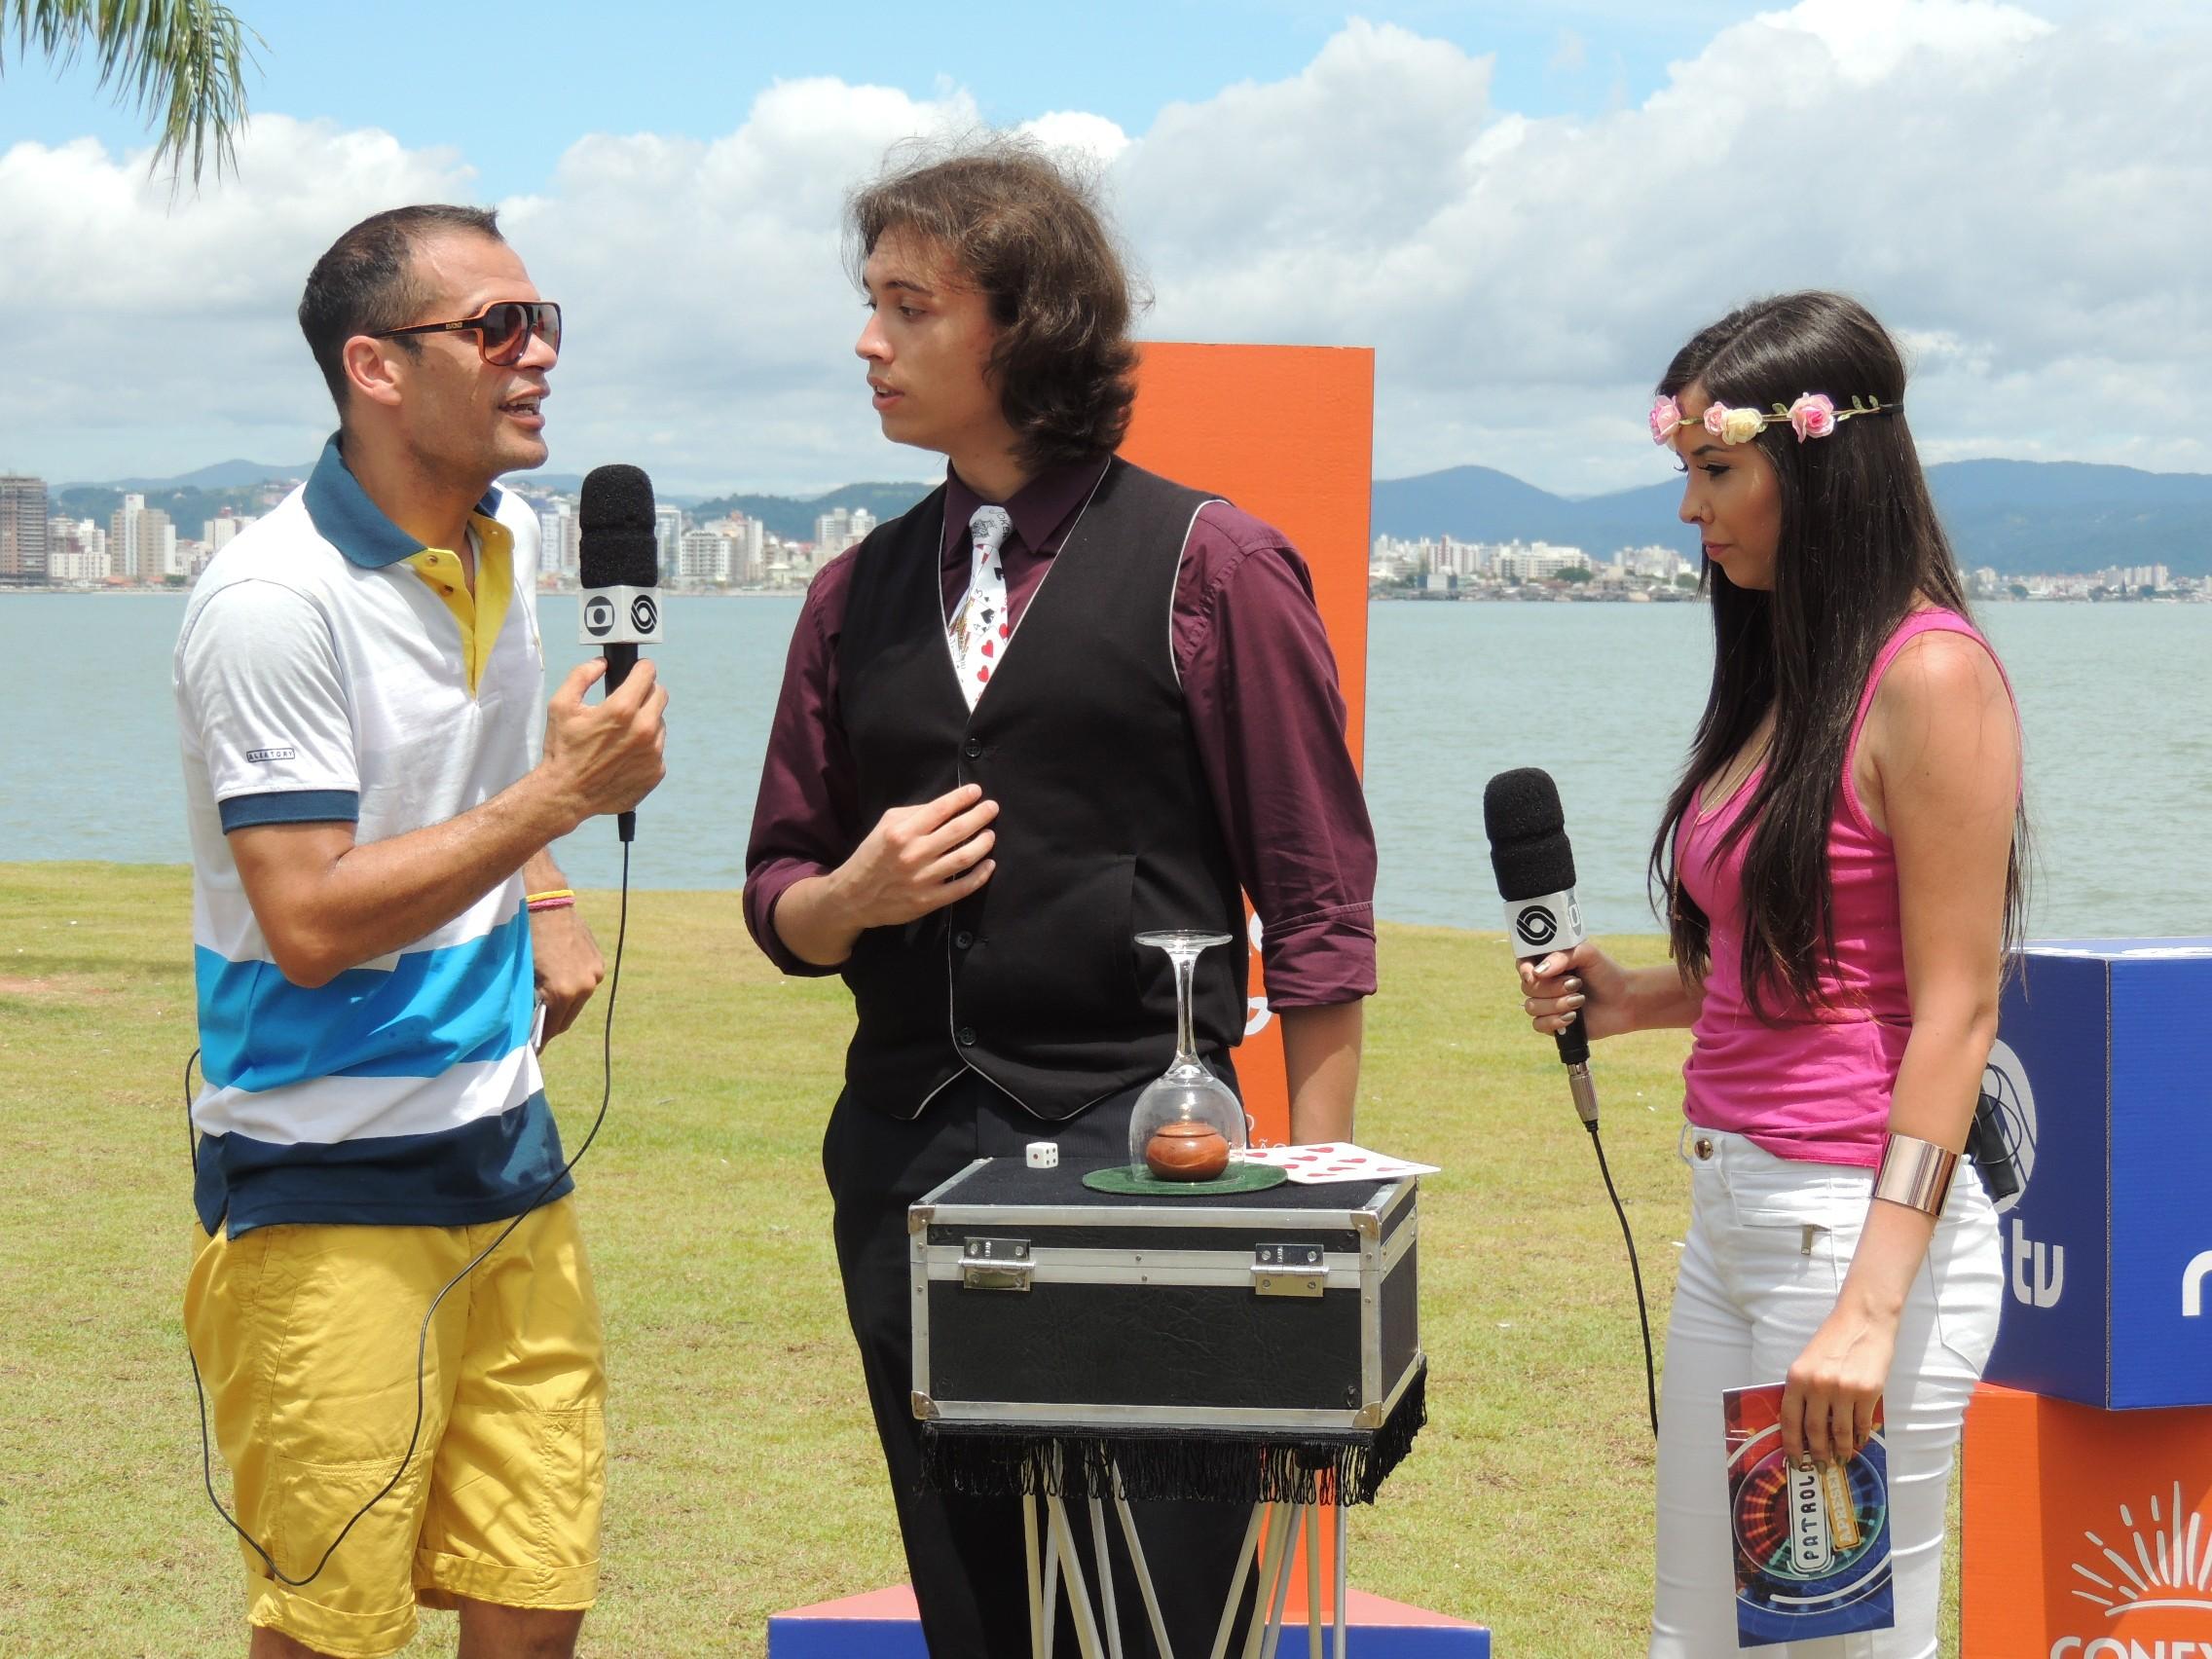 Mágico impressionou apresentadores do Patrola (Foto: Géssica Valentini/RBS TV)